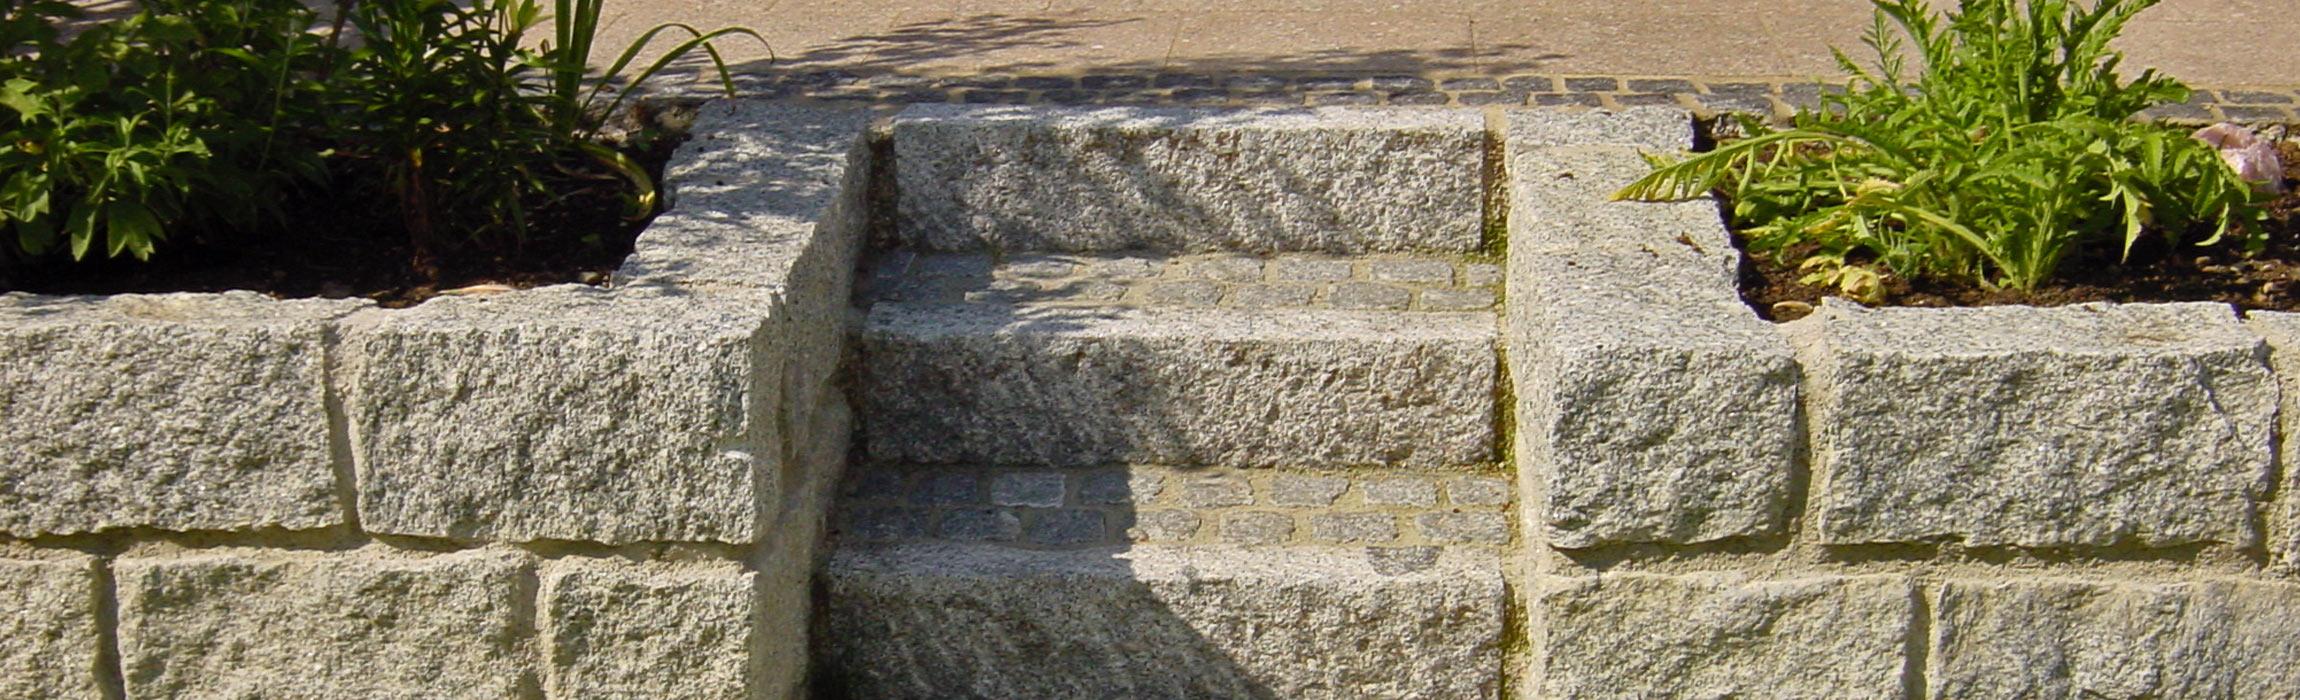 Steinmauer-mit-Treppe